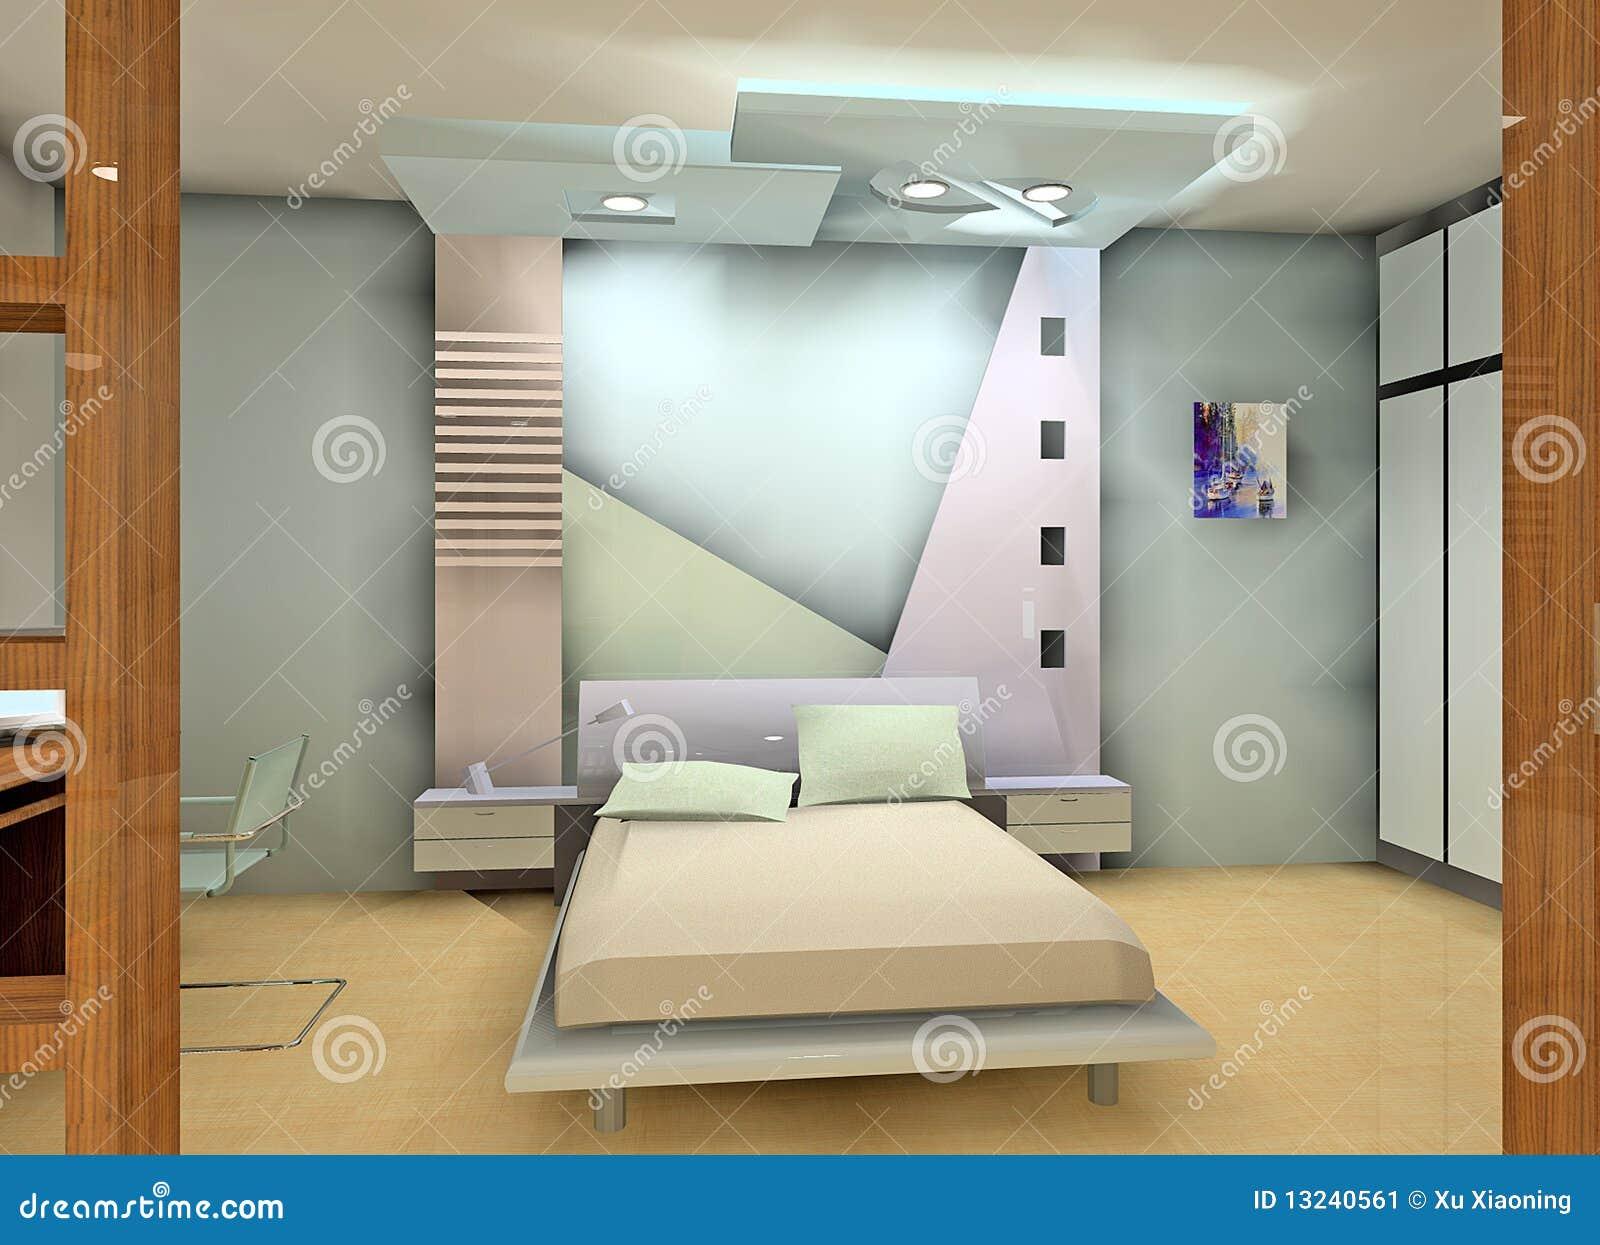 Disegno della camera da letto illustrazione di stock - I segreti della camera da letto ...